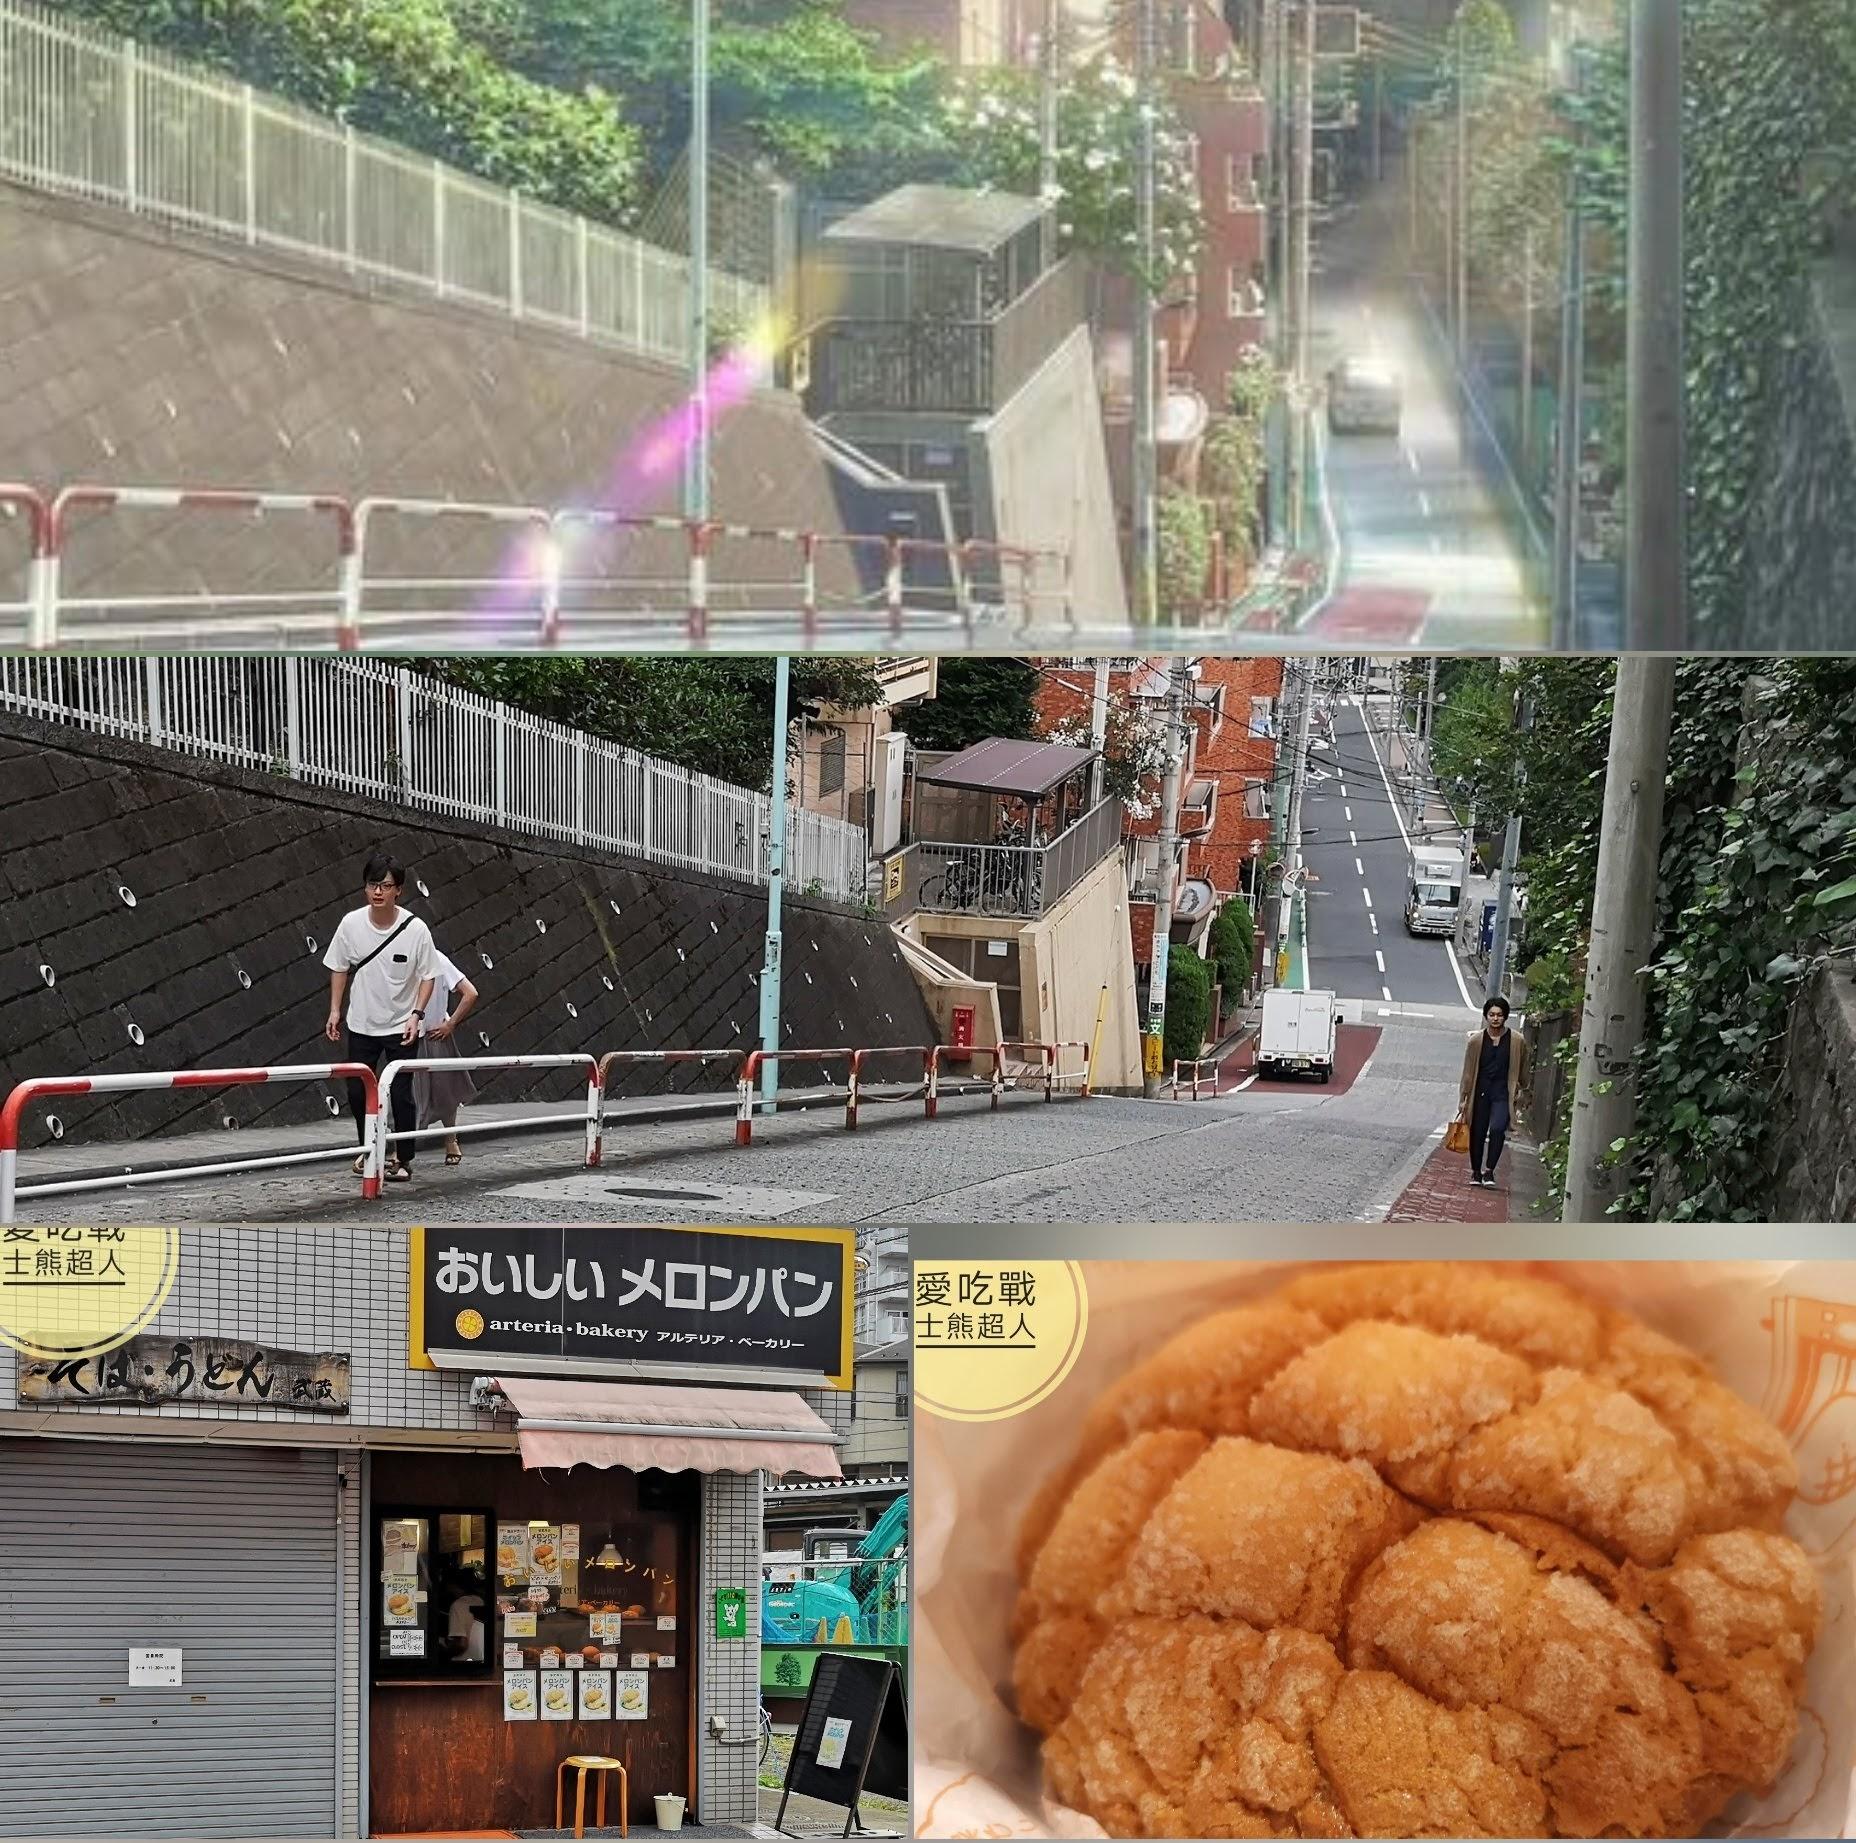 。東京 都電荒川線。吃著超美味的Arteria菠蘿麵包,來去天氣之子的場景(のぞき坂)踩點囉^^